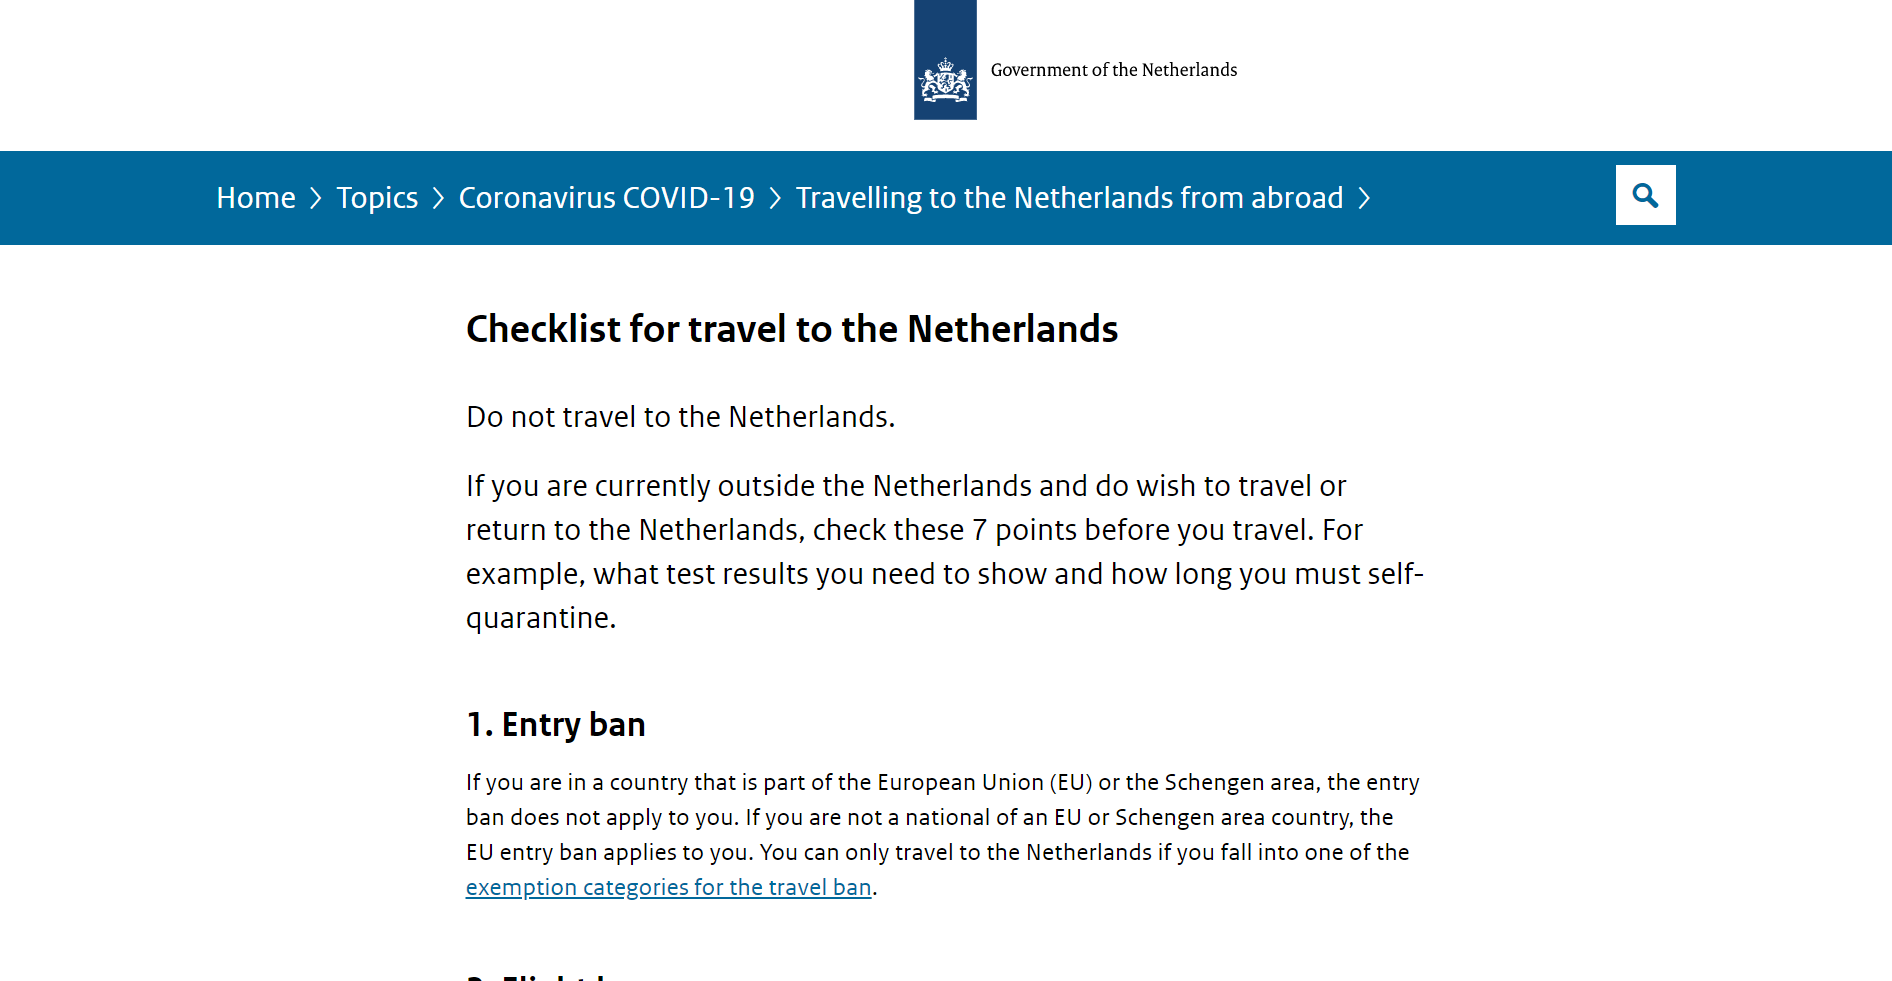 네덜란드 입국 제한조치 안내 (3월 4일)